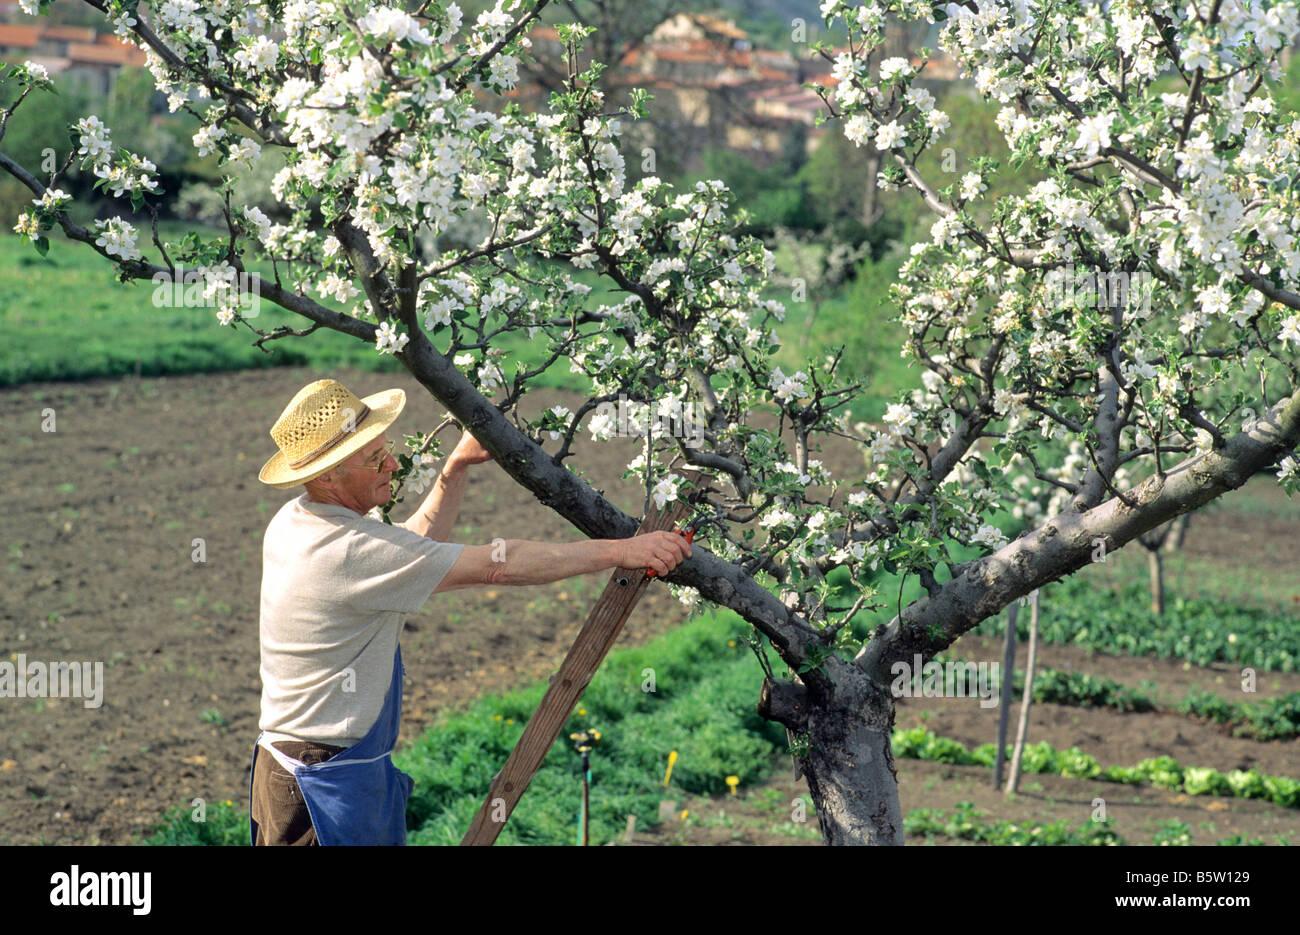 Mann auf einer Leiter einen Obstbaum mit Gartenschere beschneiden Stockbild